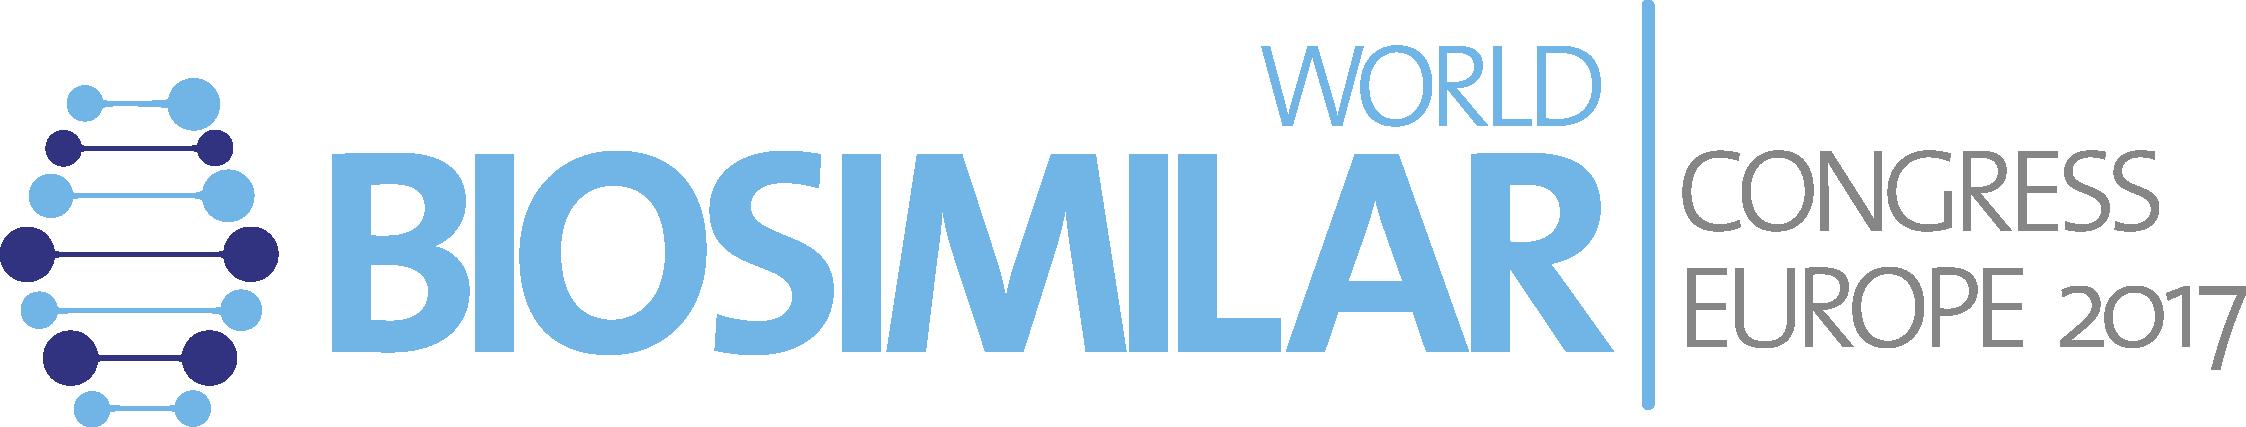 World Biosimilar Congress 2017